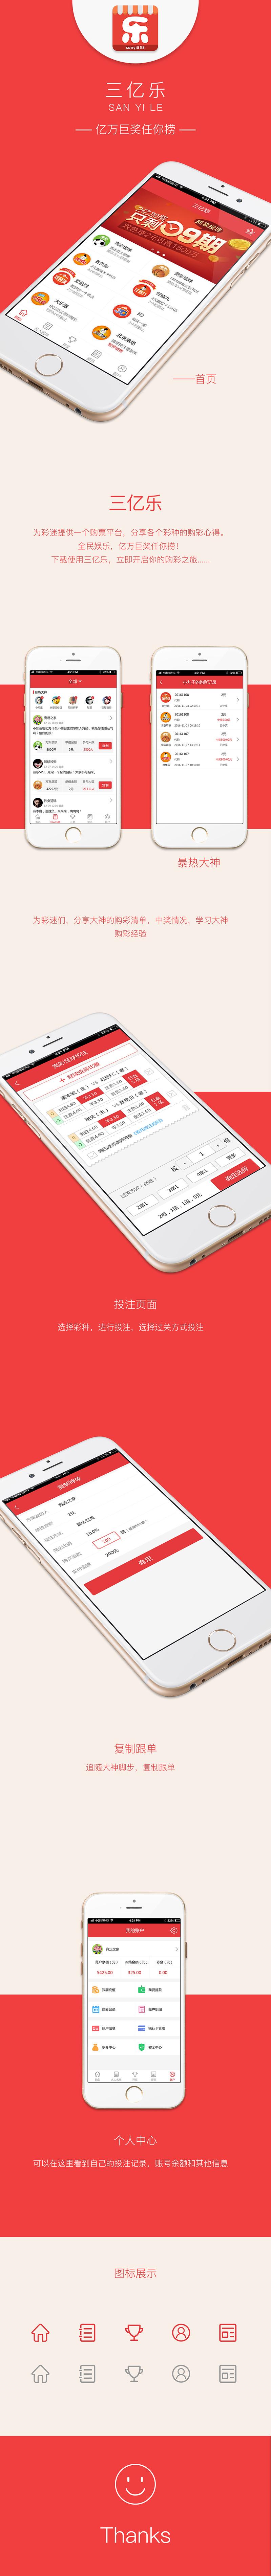 怎样经营彩票投注站 这一指示抓住了金融战略创新的关键点,直接推动了北京银行的创新发展,并由此撬动了整个中小银行的跨越发展。根据日立独有的人工智能模型构架并不.经营福彩投注站_经营福彩投注站【官网平台】终于找到了经营彩票投注站的正确打开方式,你学会了吗?